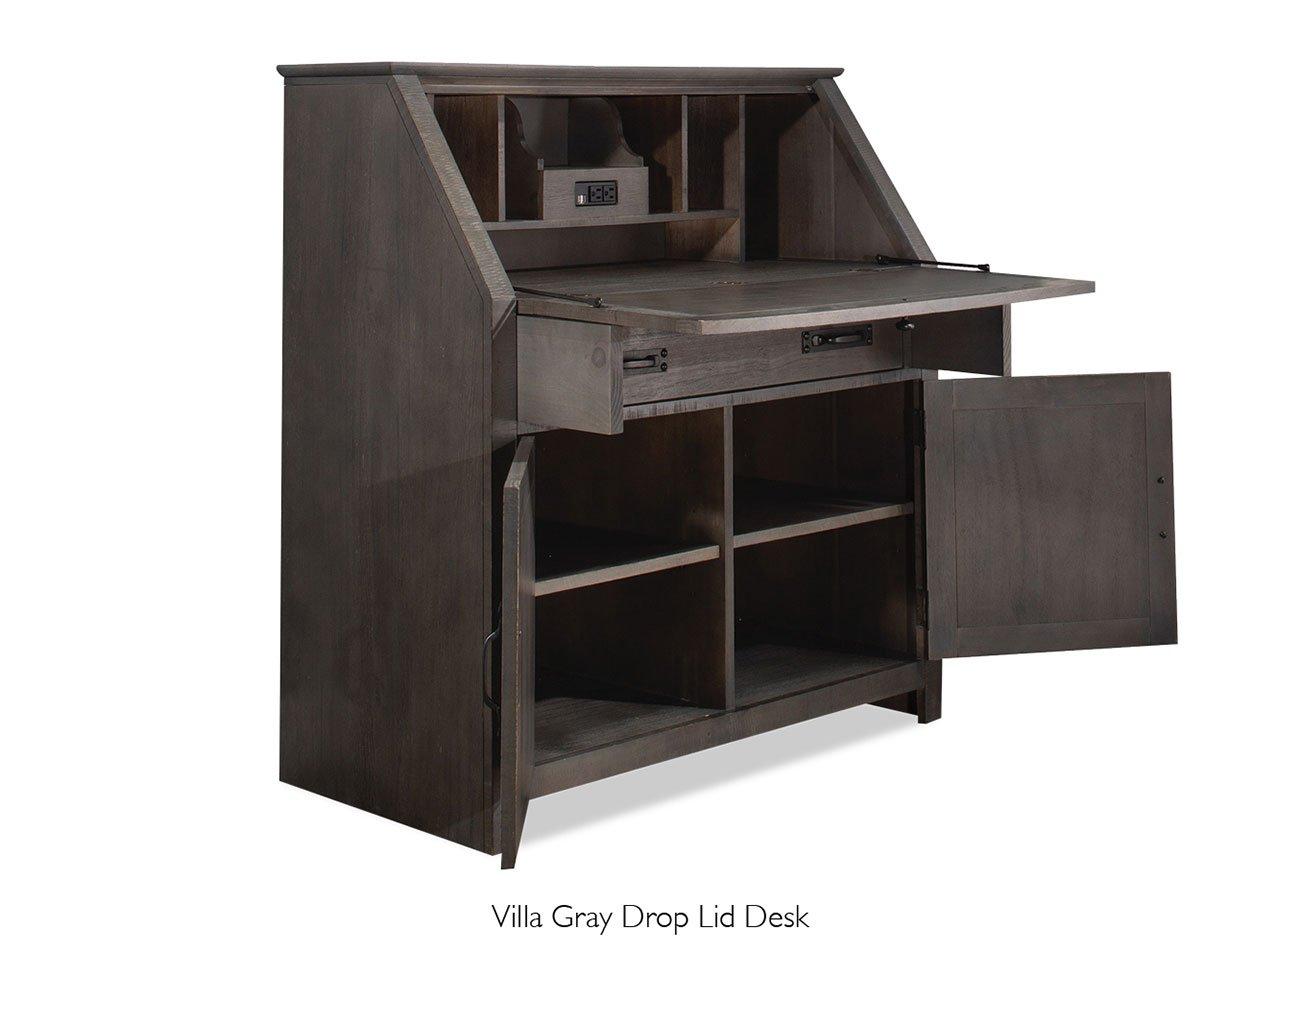 villa-gray-drop-lid-desk